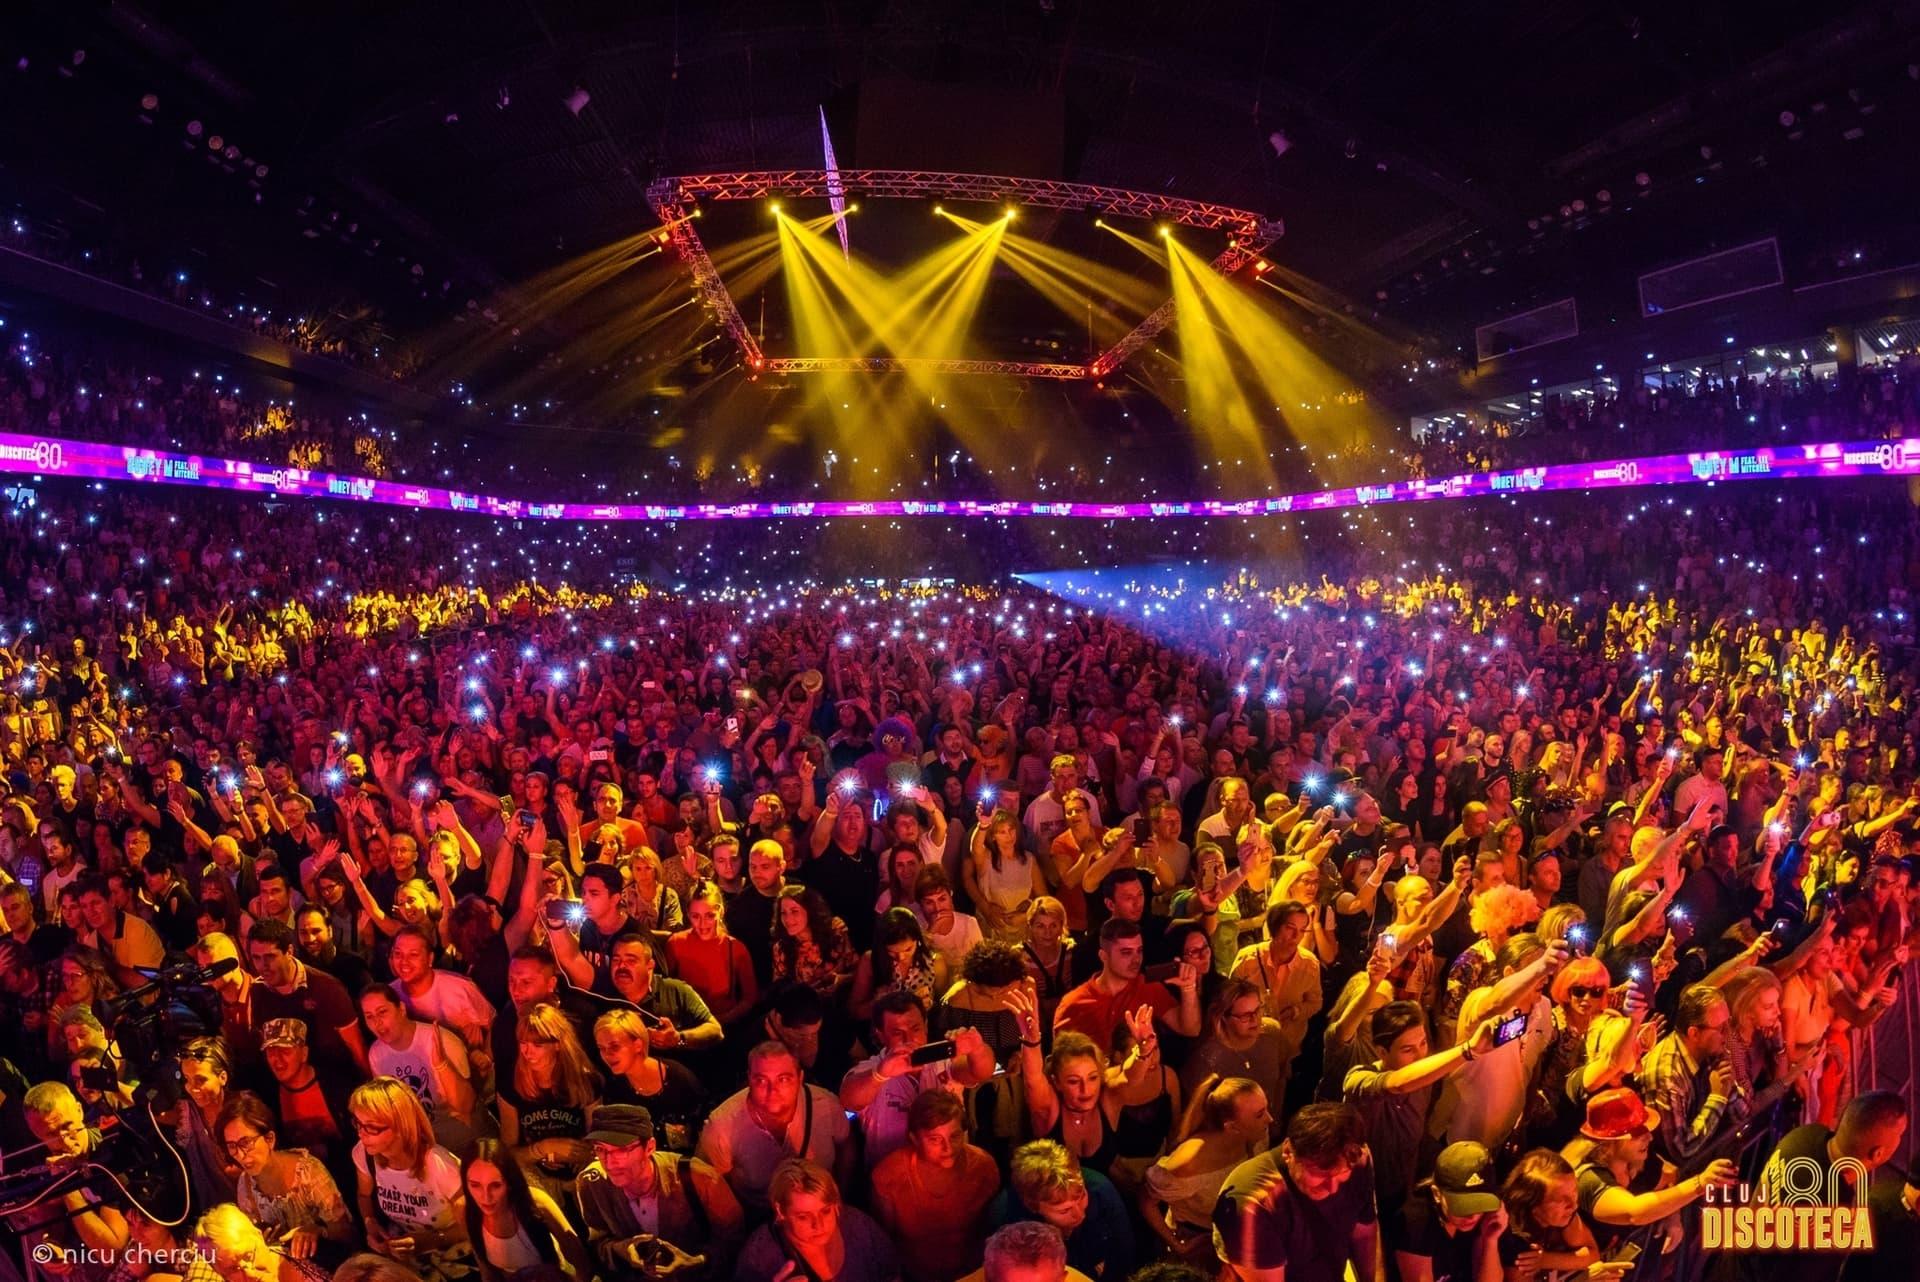 Ultimele 300 de bilete disponibile la concertul Discoteca '80, ediția 2019!